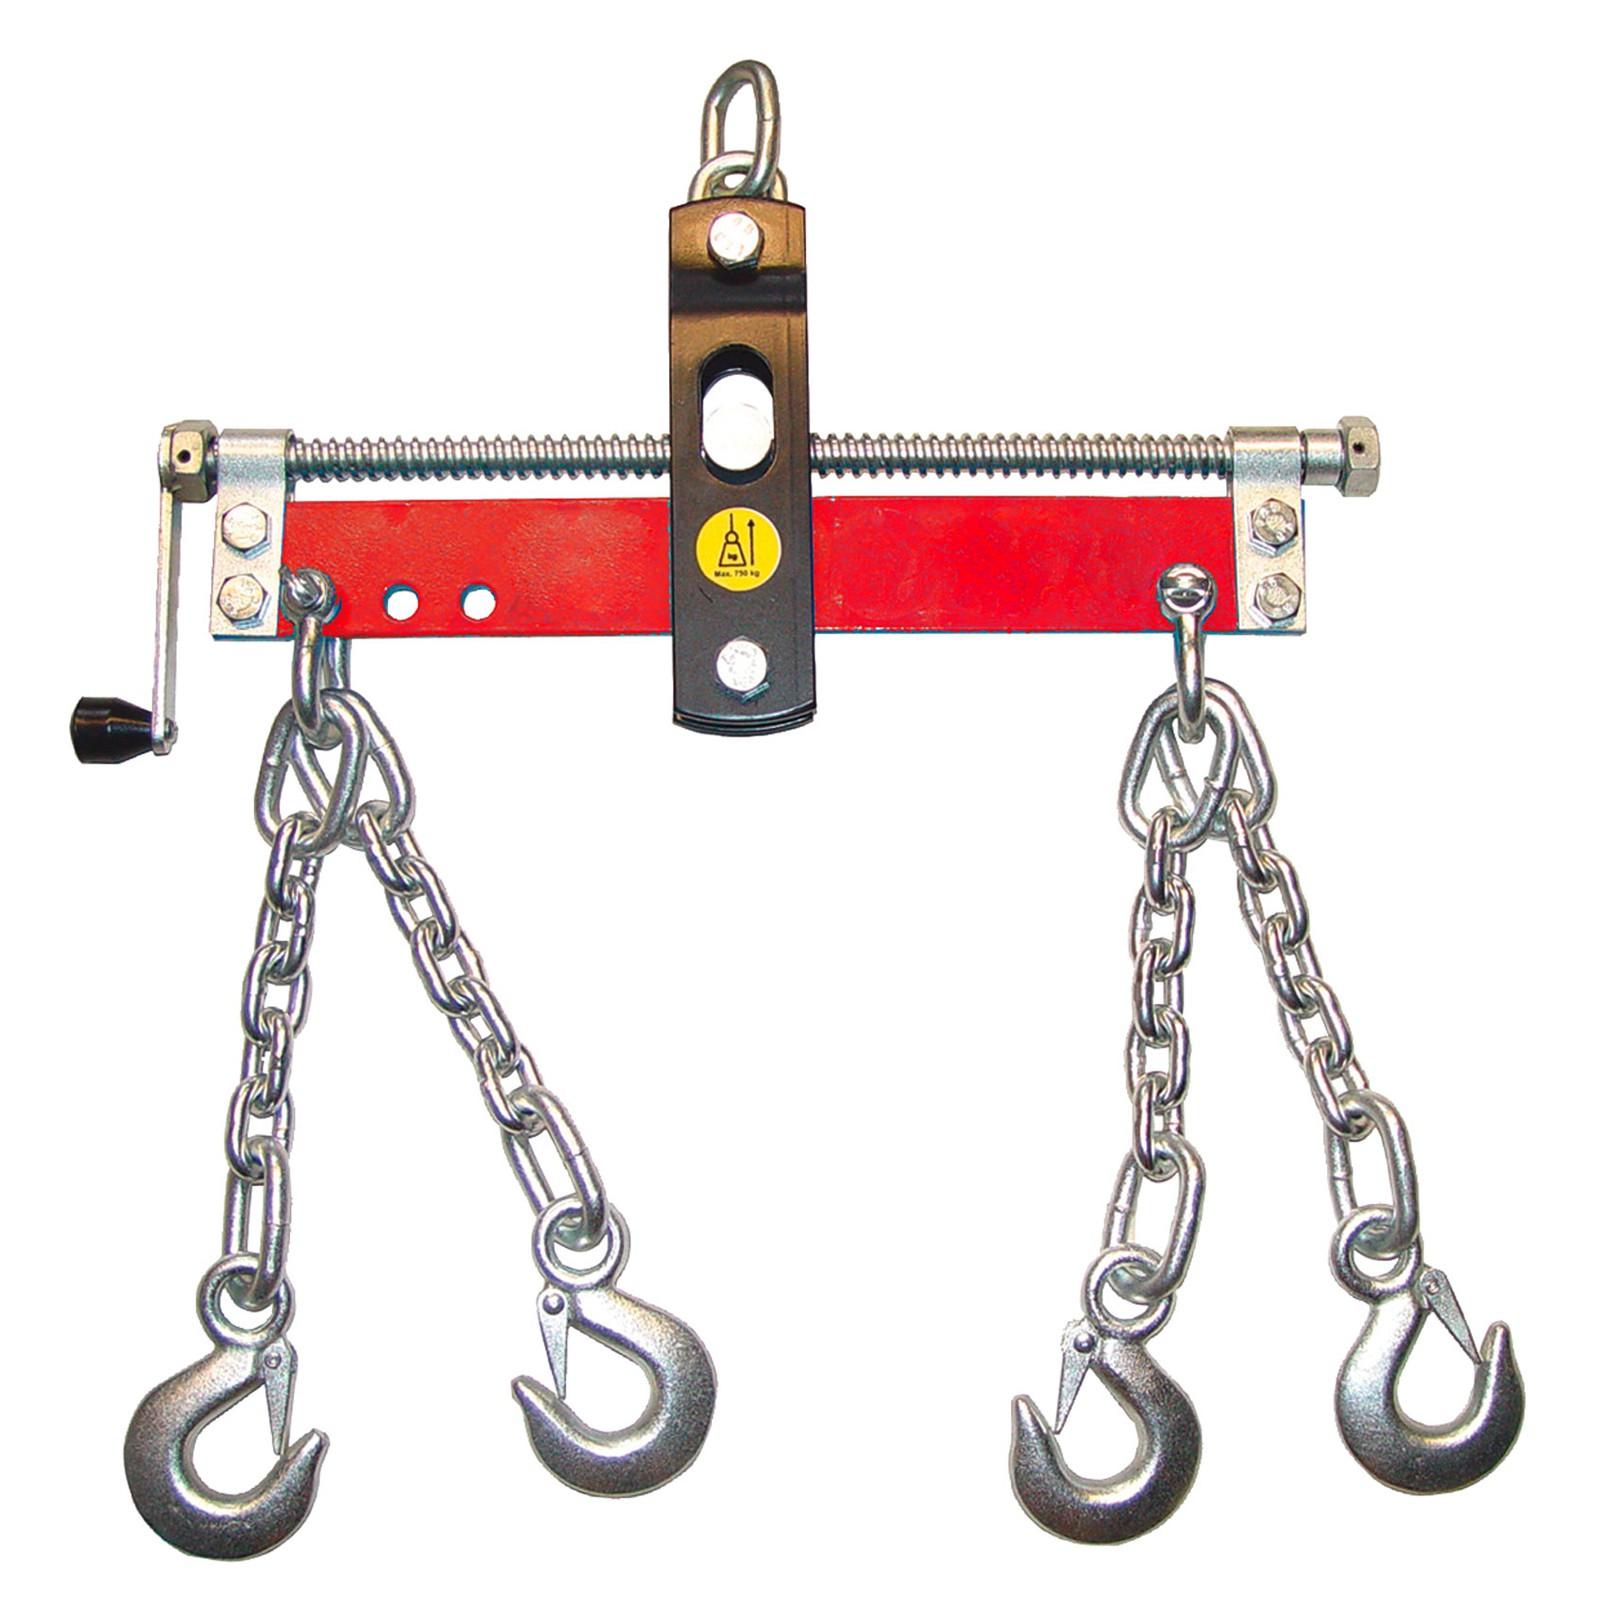 Dema Positionierer / Balancierer / Balancer für Werkstattkran 750kg 24363